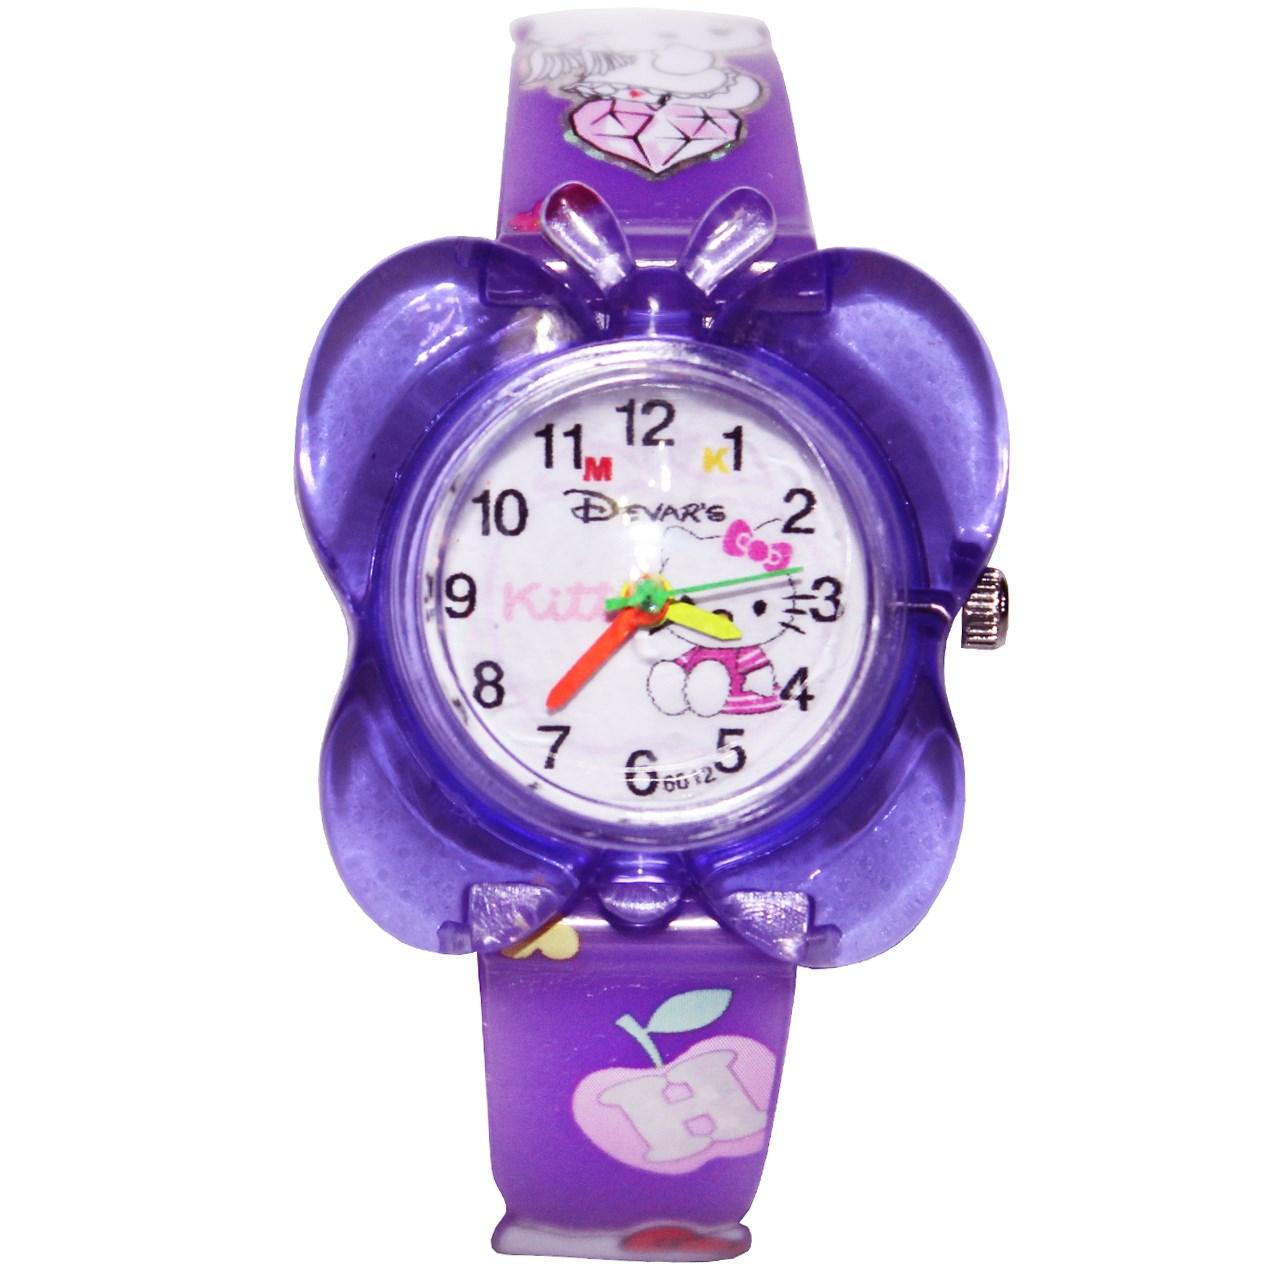 ساعت مچی عقربه ای بچگانه مدل K-03 دخترانه 48